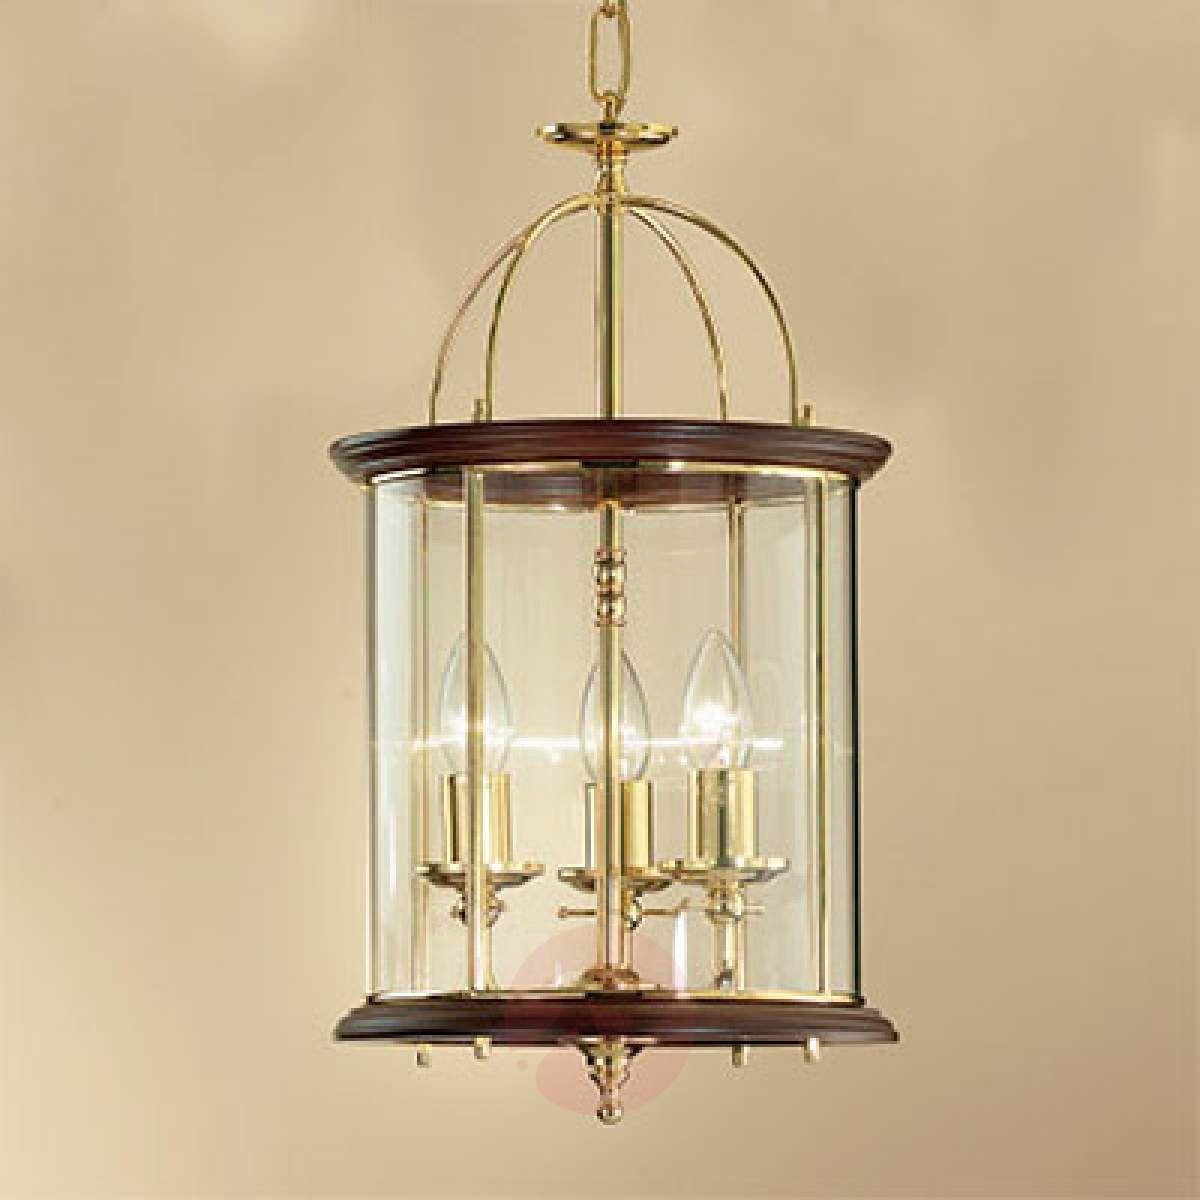 Lampa wisząca o estetycznym kształcie Grazie (With images